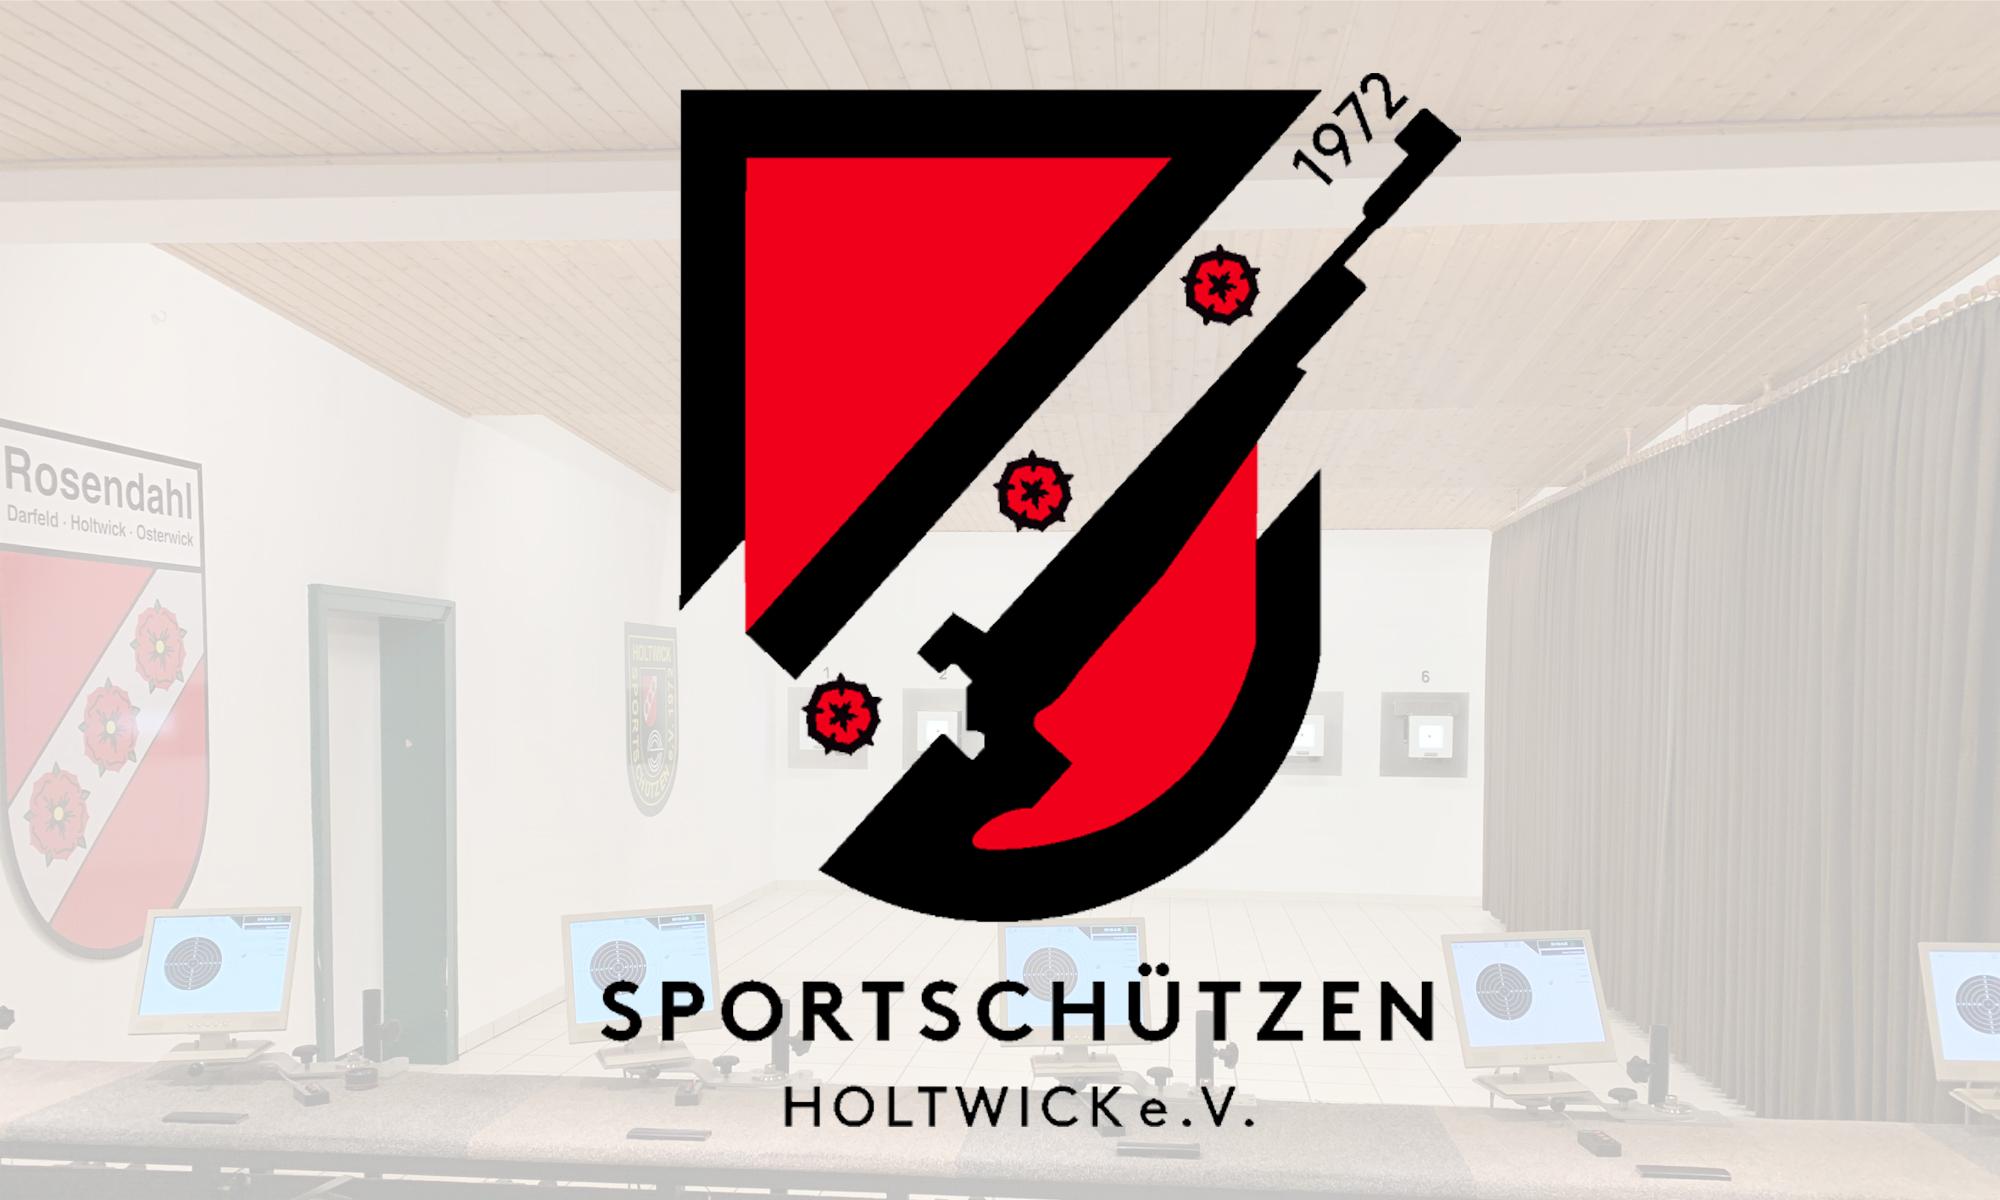 Sportschützen Holtwick e.V.